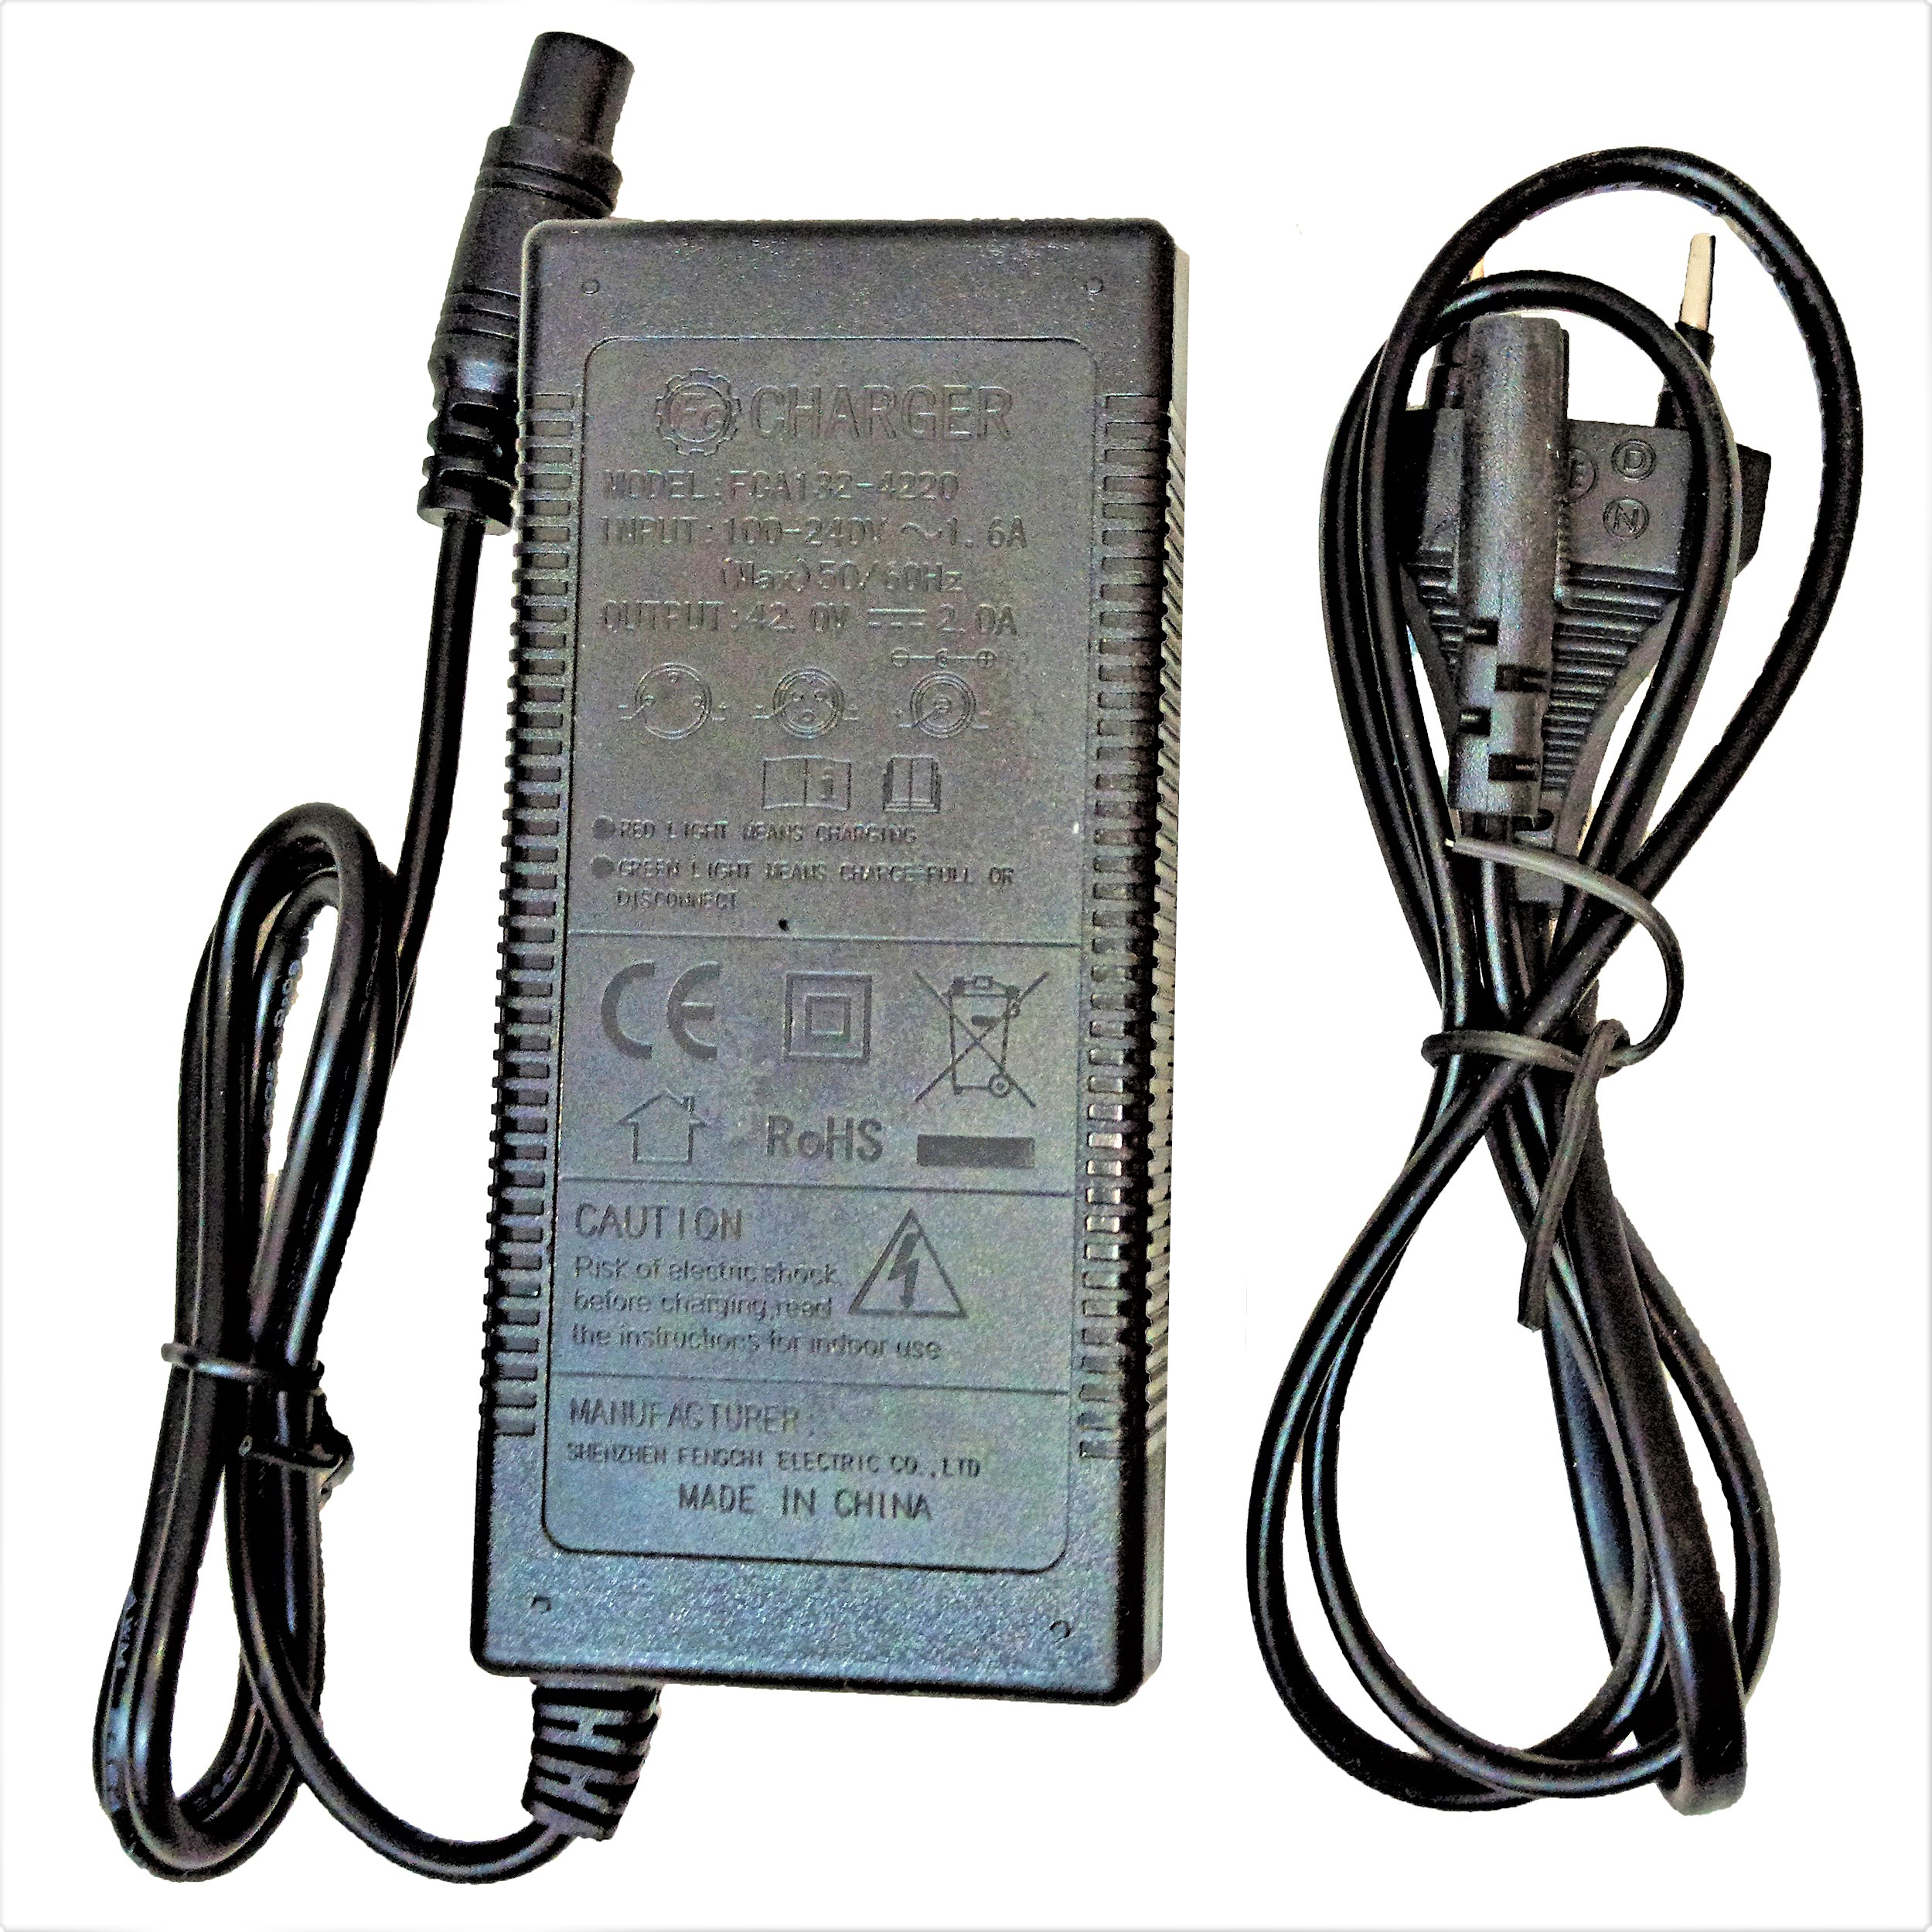 شارژر اسکوتر برقی مدل FCA-132-4210-2A